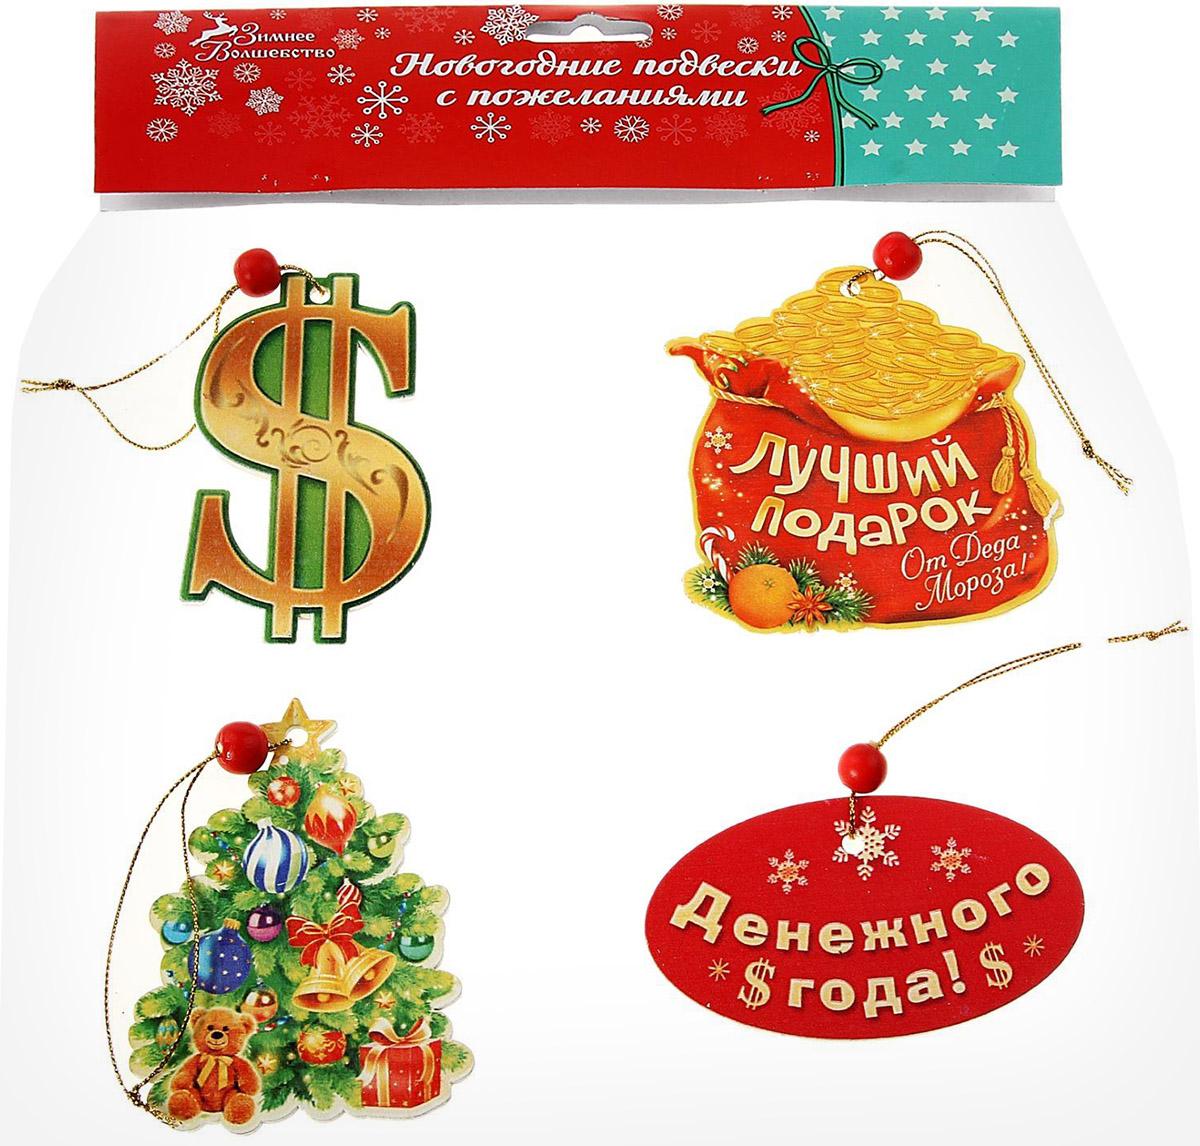 Набор новогодних подвесных украшений Лесная мастерская Лучший подарок, 4 шт238075Невозможно представить нашу жизнь без праздников! Мы всегда ждём их и предвкушаем, обдумываем, как проведём памятный день, тщательно выбираем подарки и аксессуары, ведь именно они создают и поддерживают торжественный настрой.